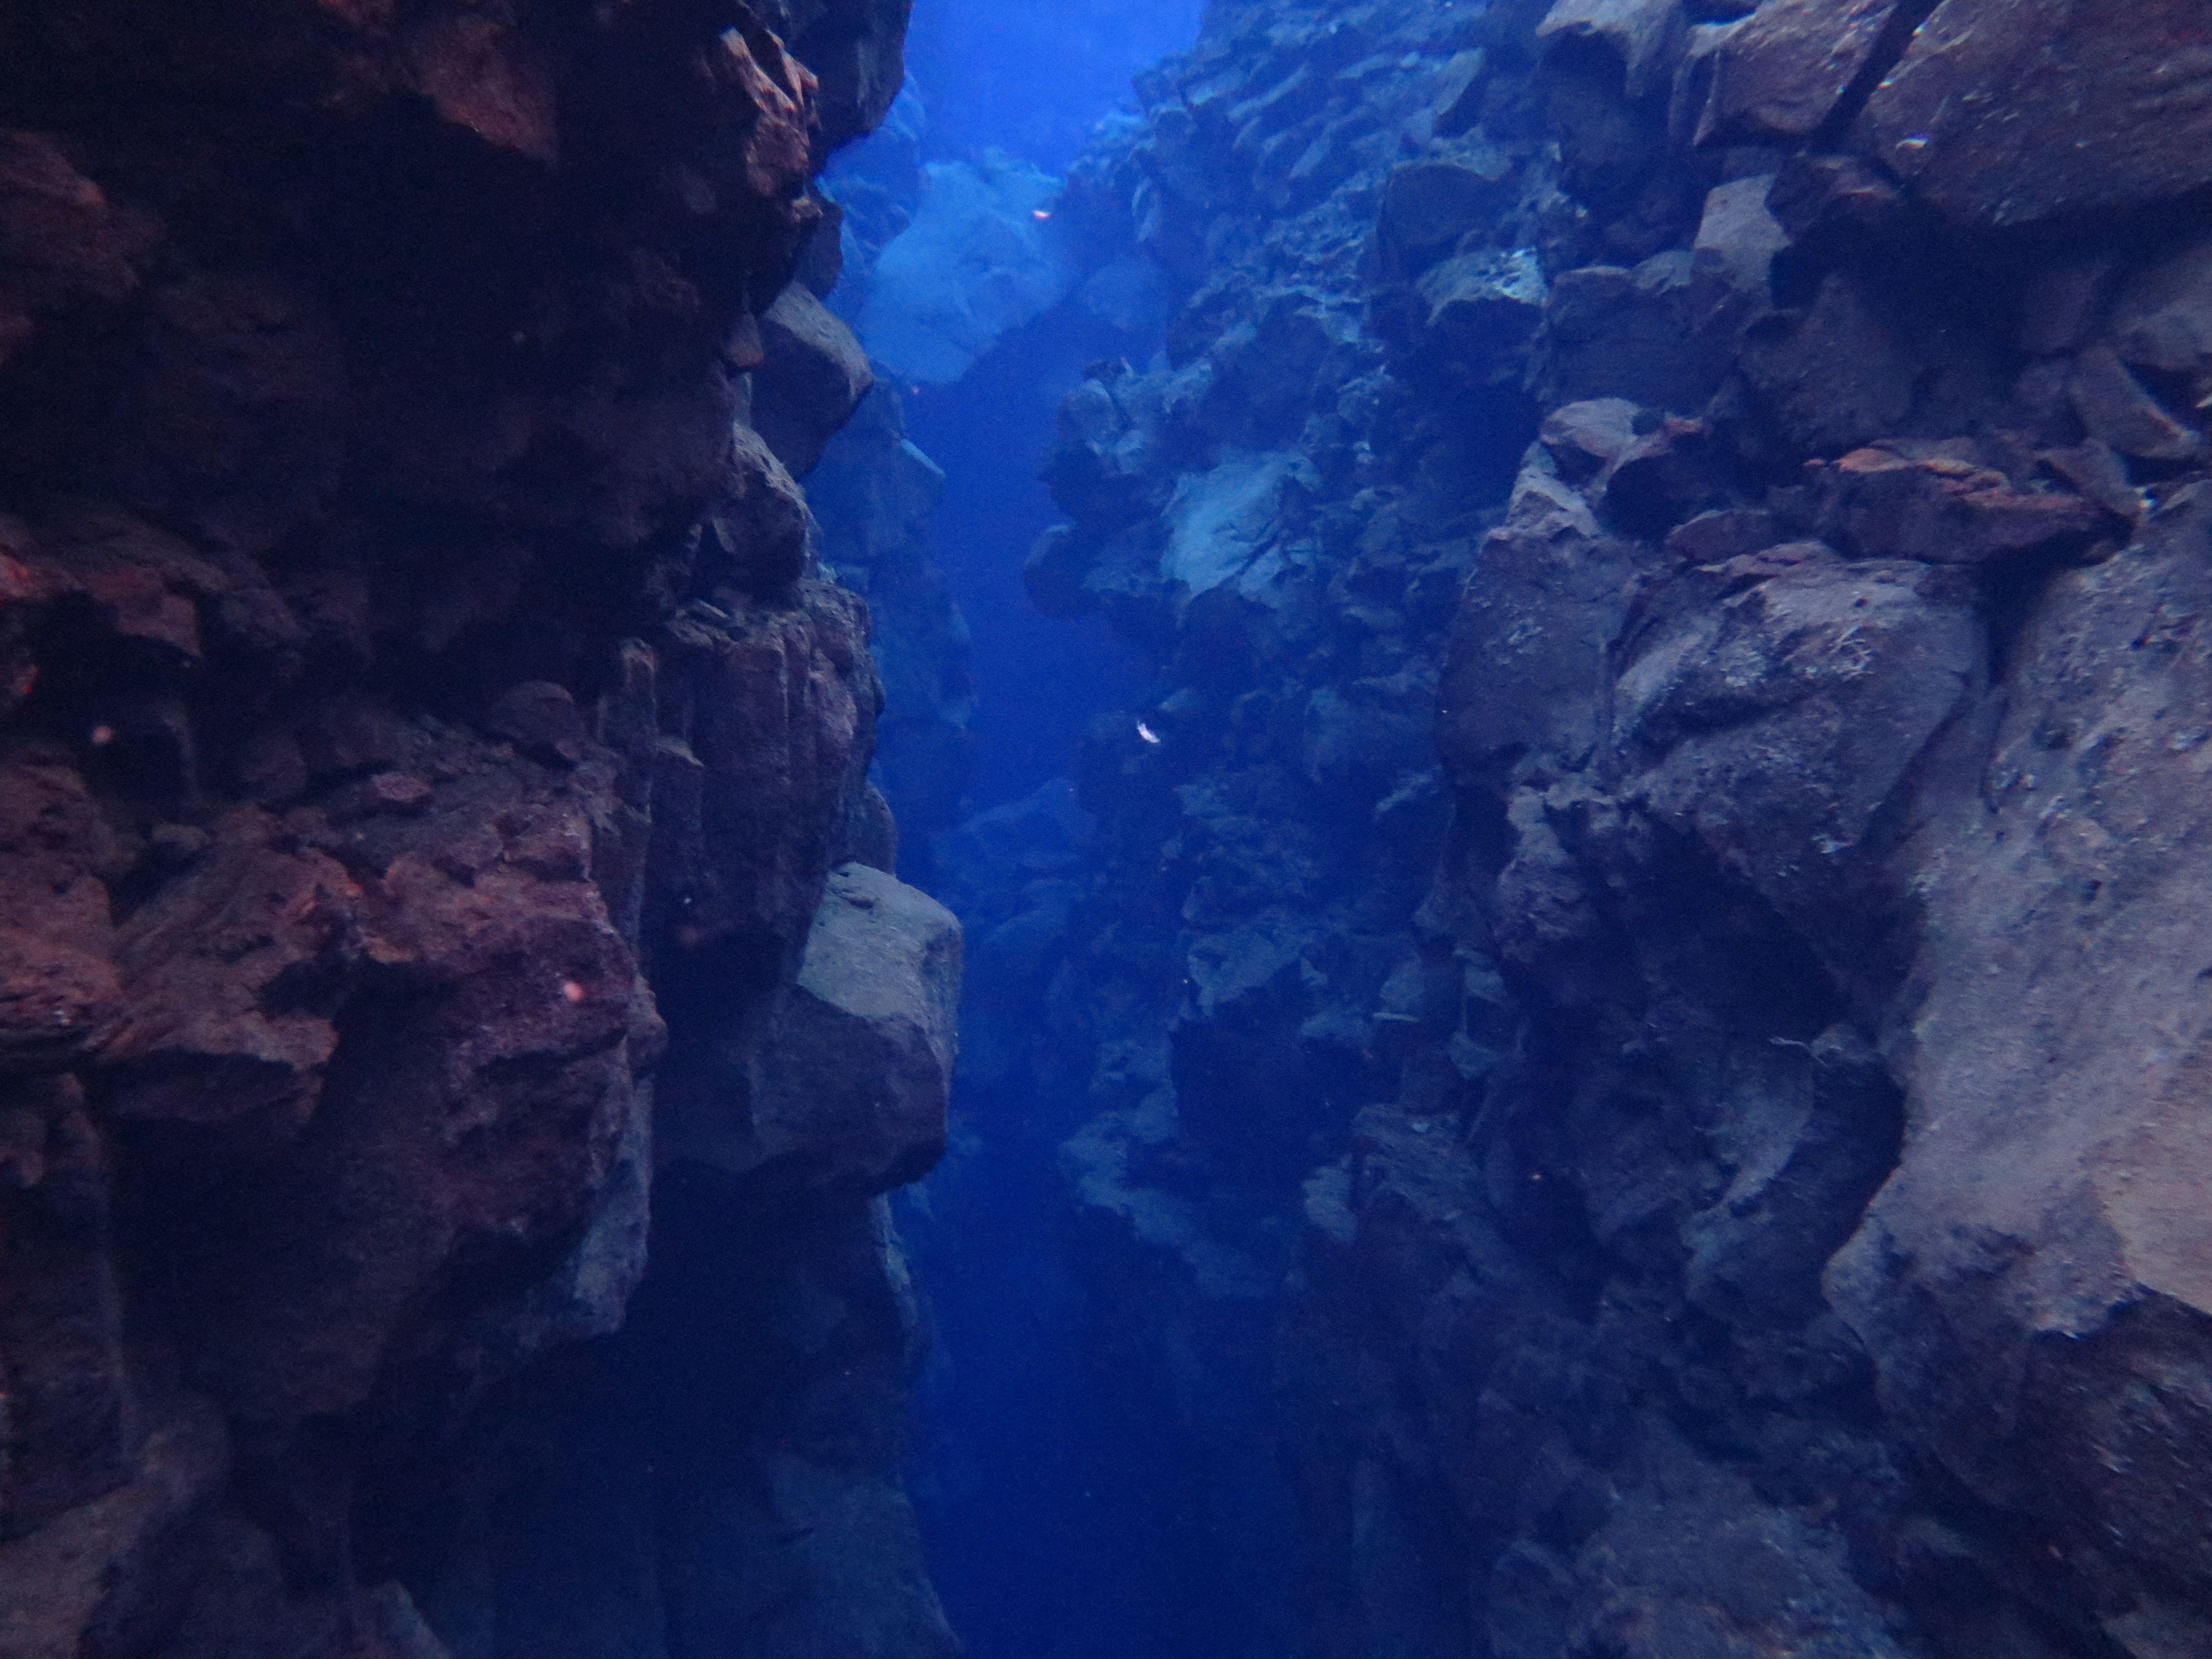 BJ Knapp author of Beside the Music scuba diving Silfra Iceland